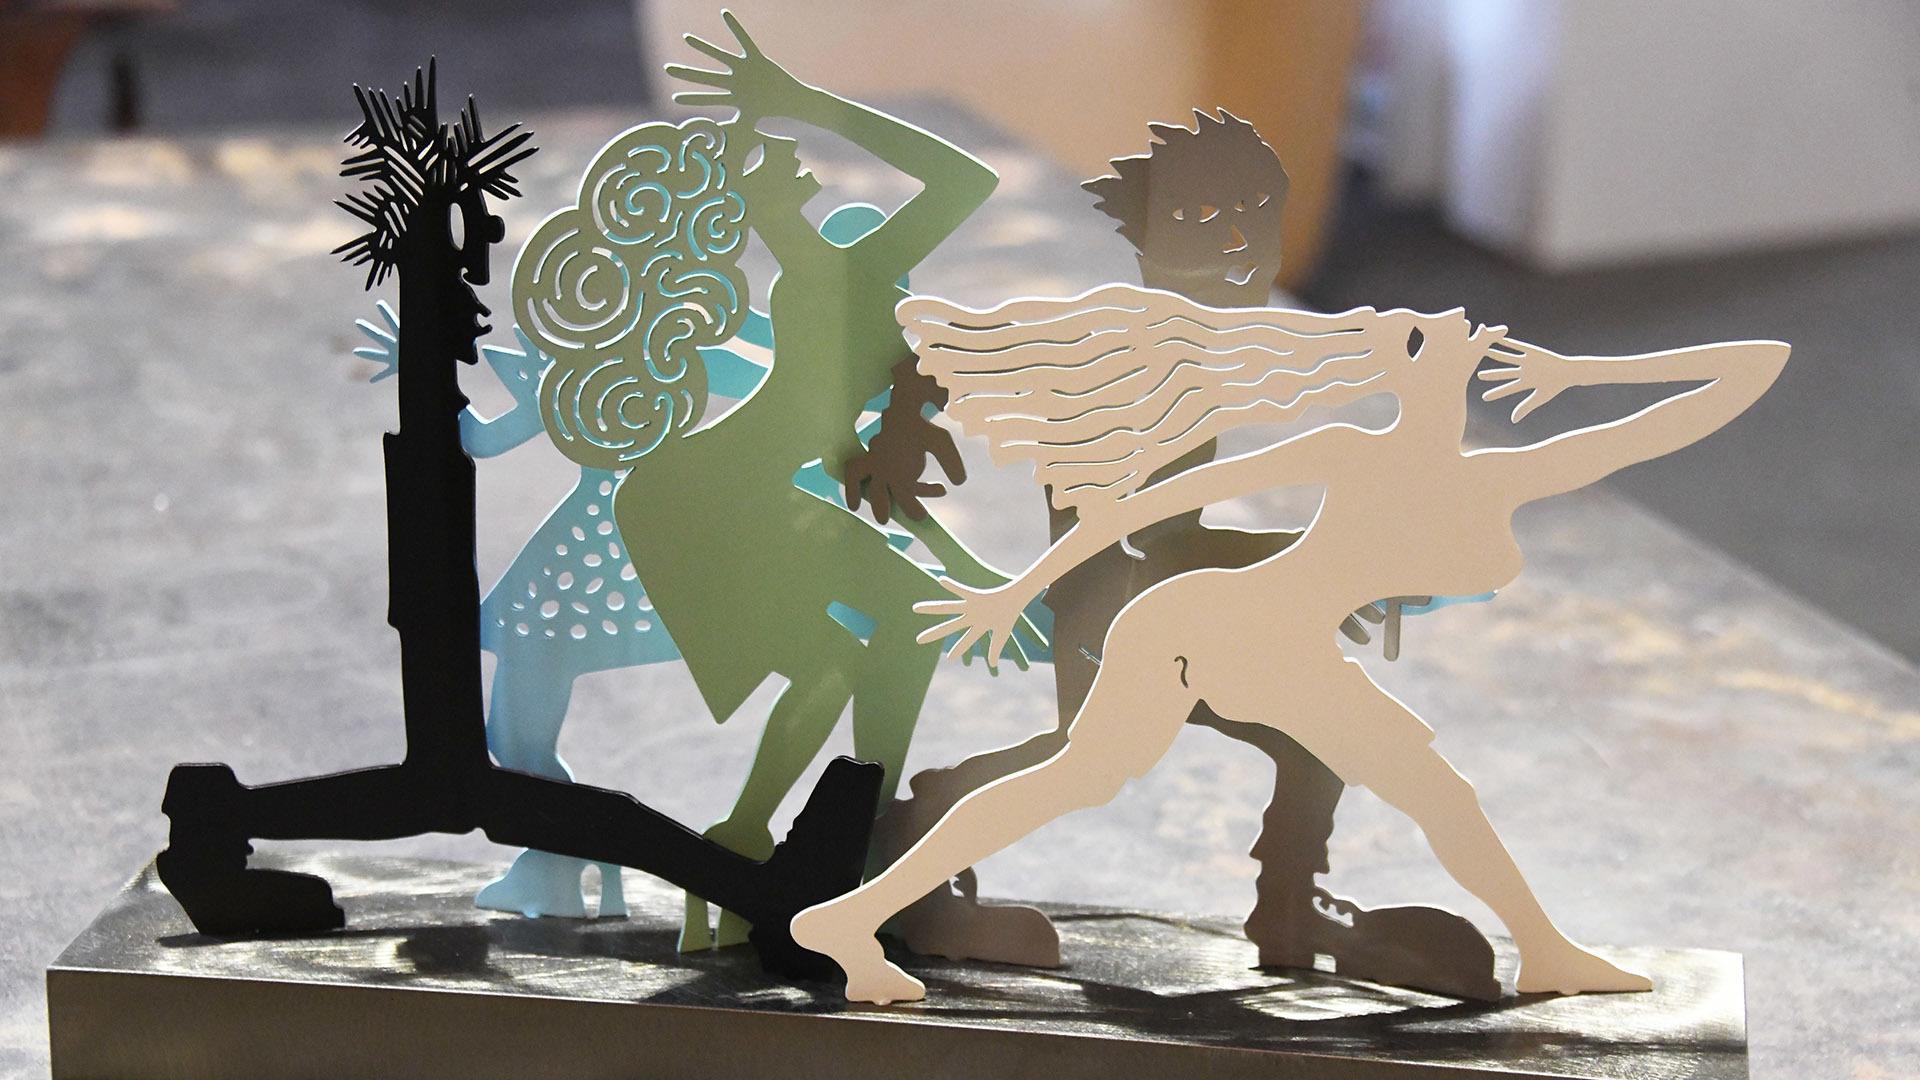 Sébastien Haller placticien sculpteur : Silhouettes en mouvement